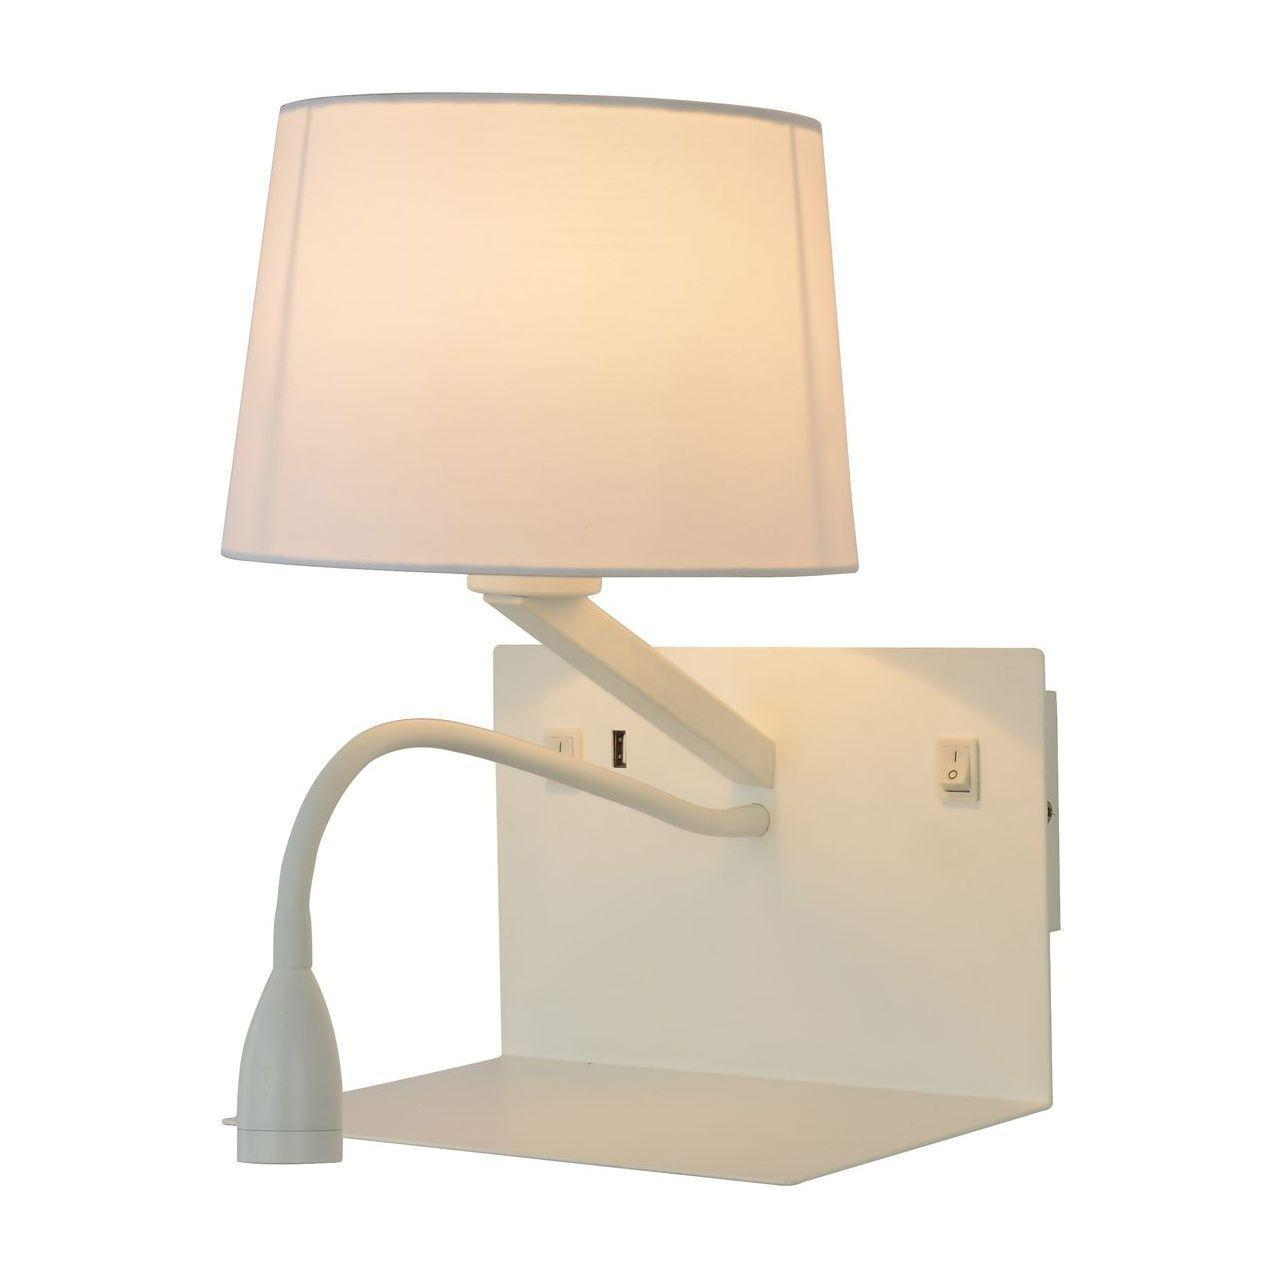 Бра Arte Lamp Ibis A1056AP-2WH потолочная люстра zaklad stolarski ibis 104 ibis 4